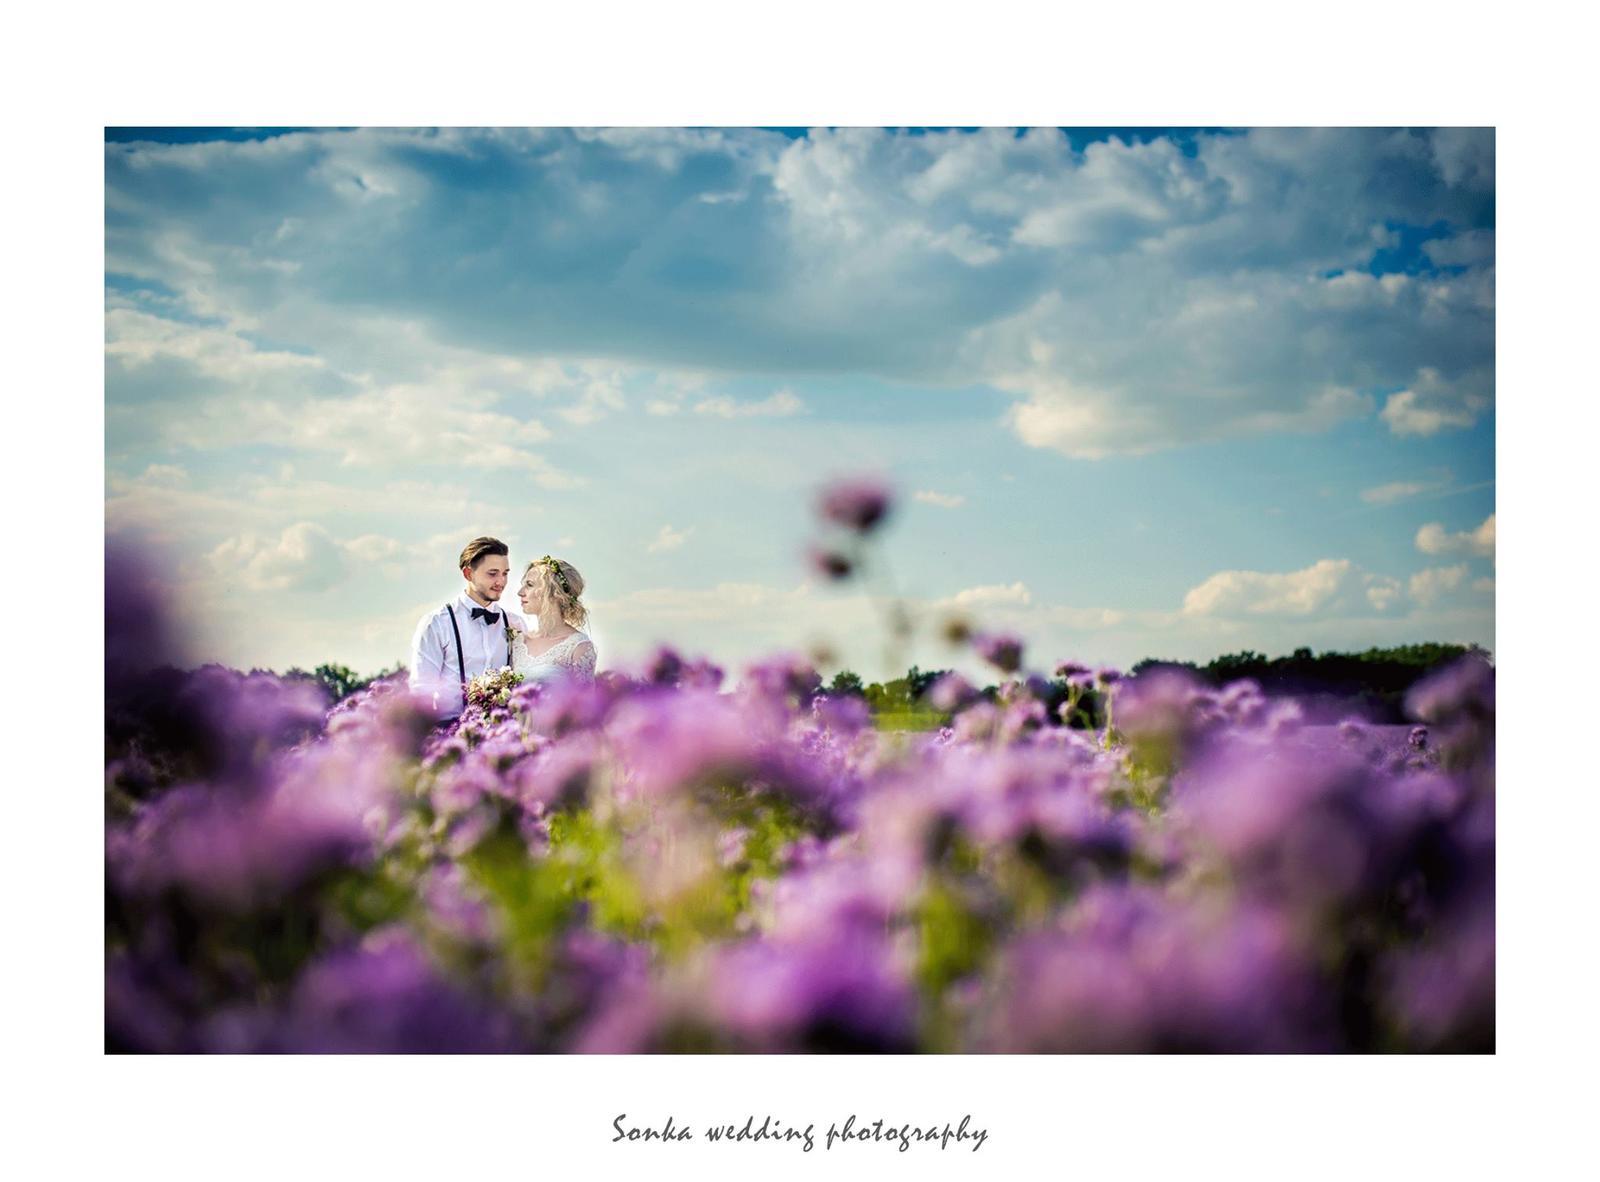 Wedding photography - Obrázek č. 17